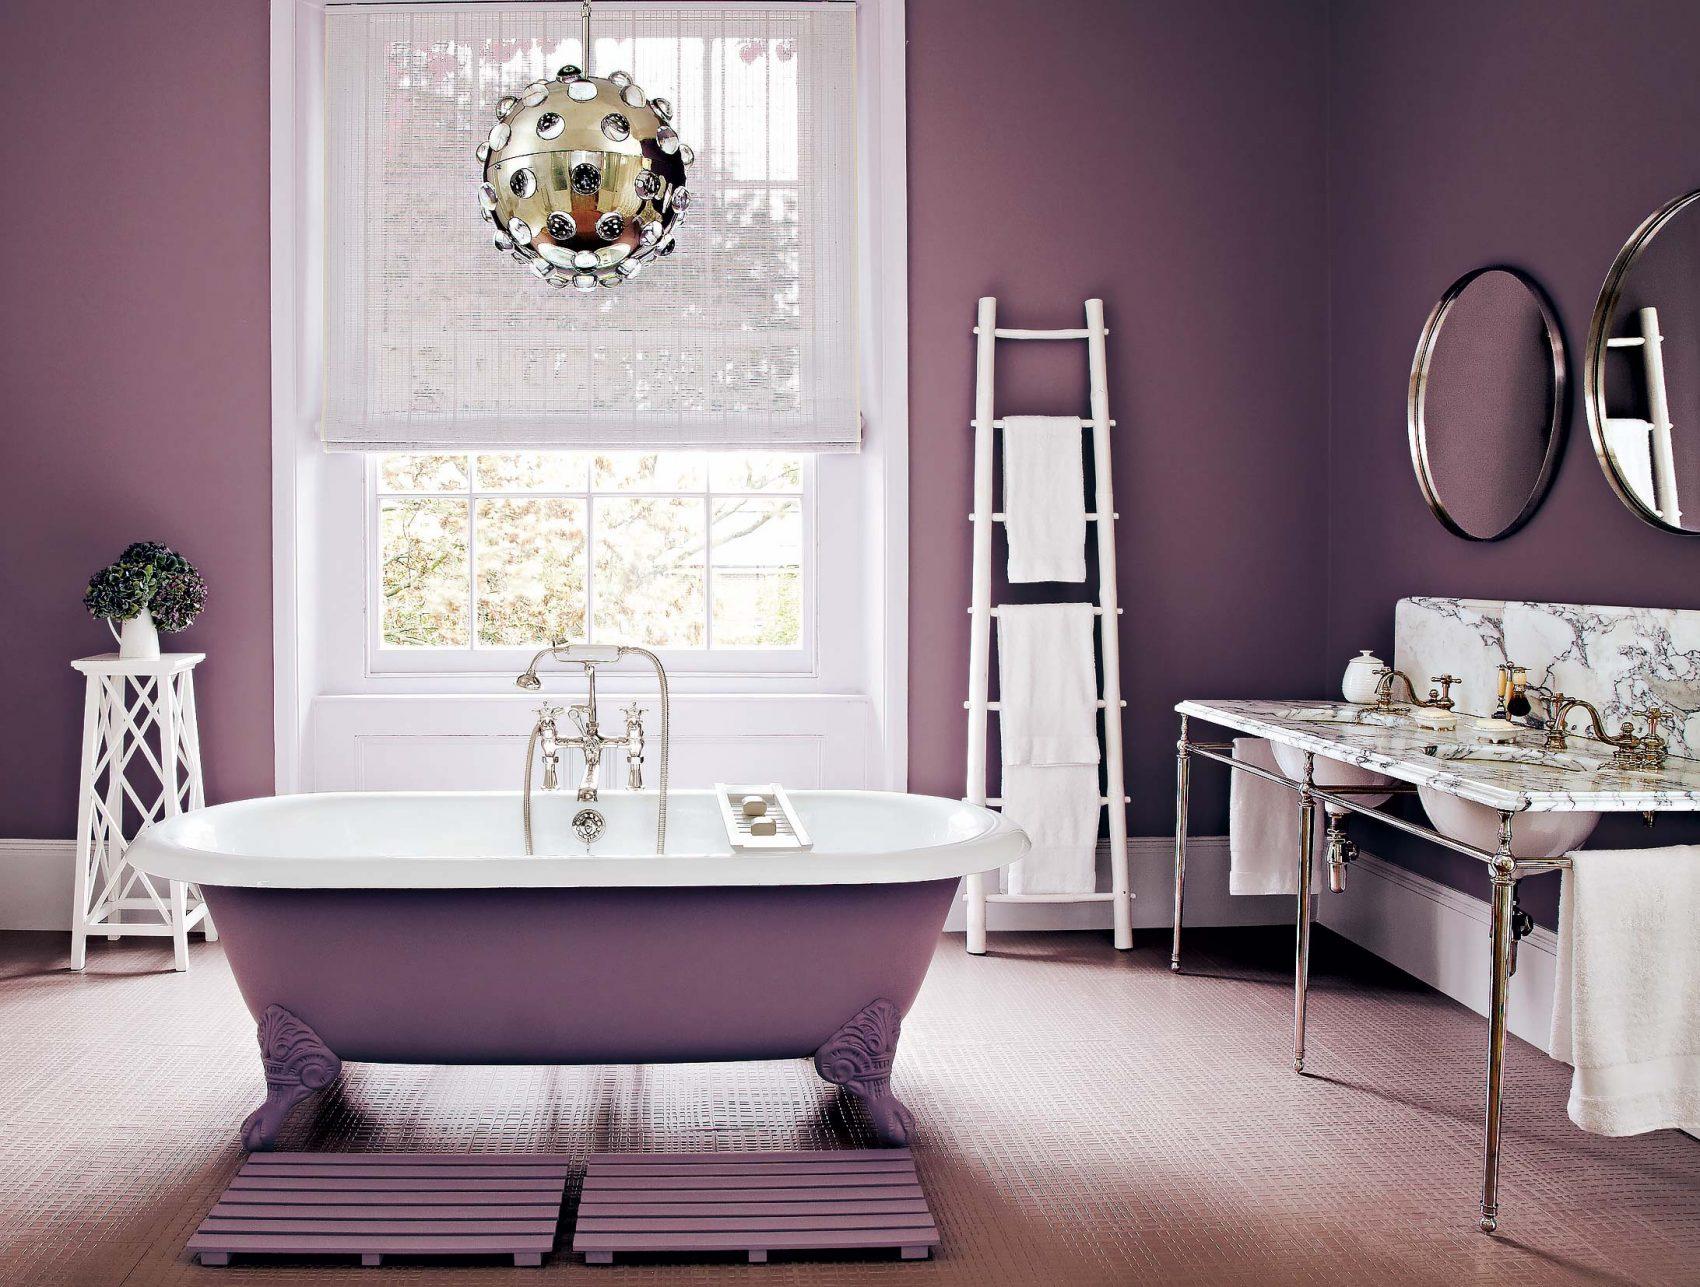 spey-bath-tub